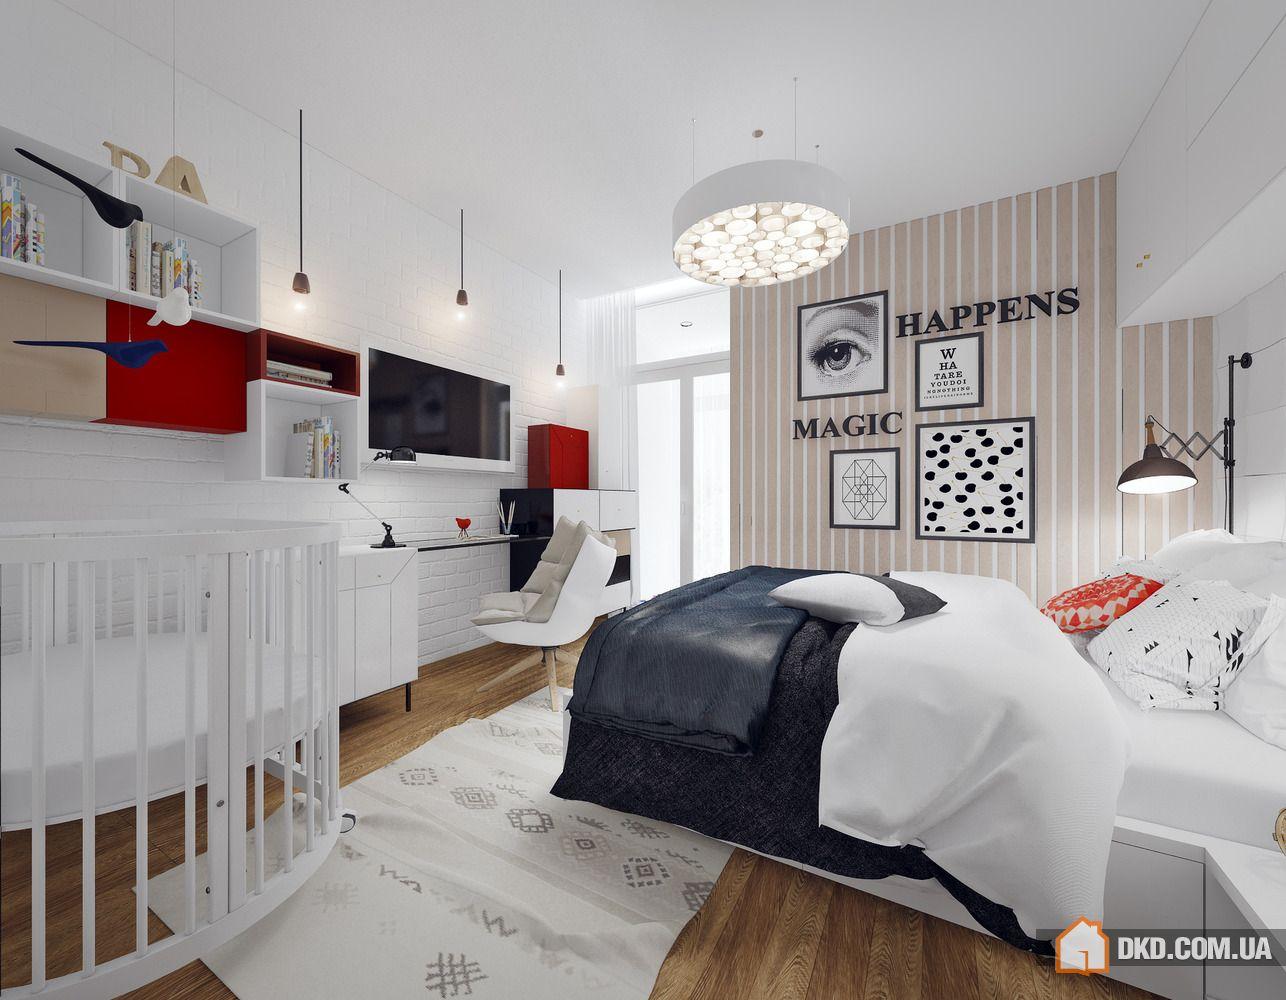 Интерьер комнаты для семьи с ребенком фото в современном стиле